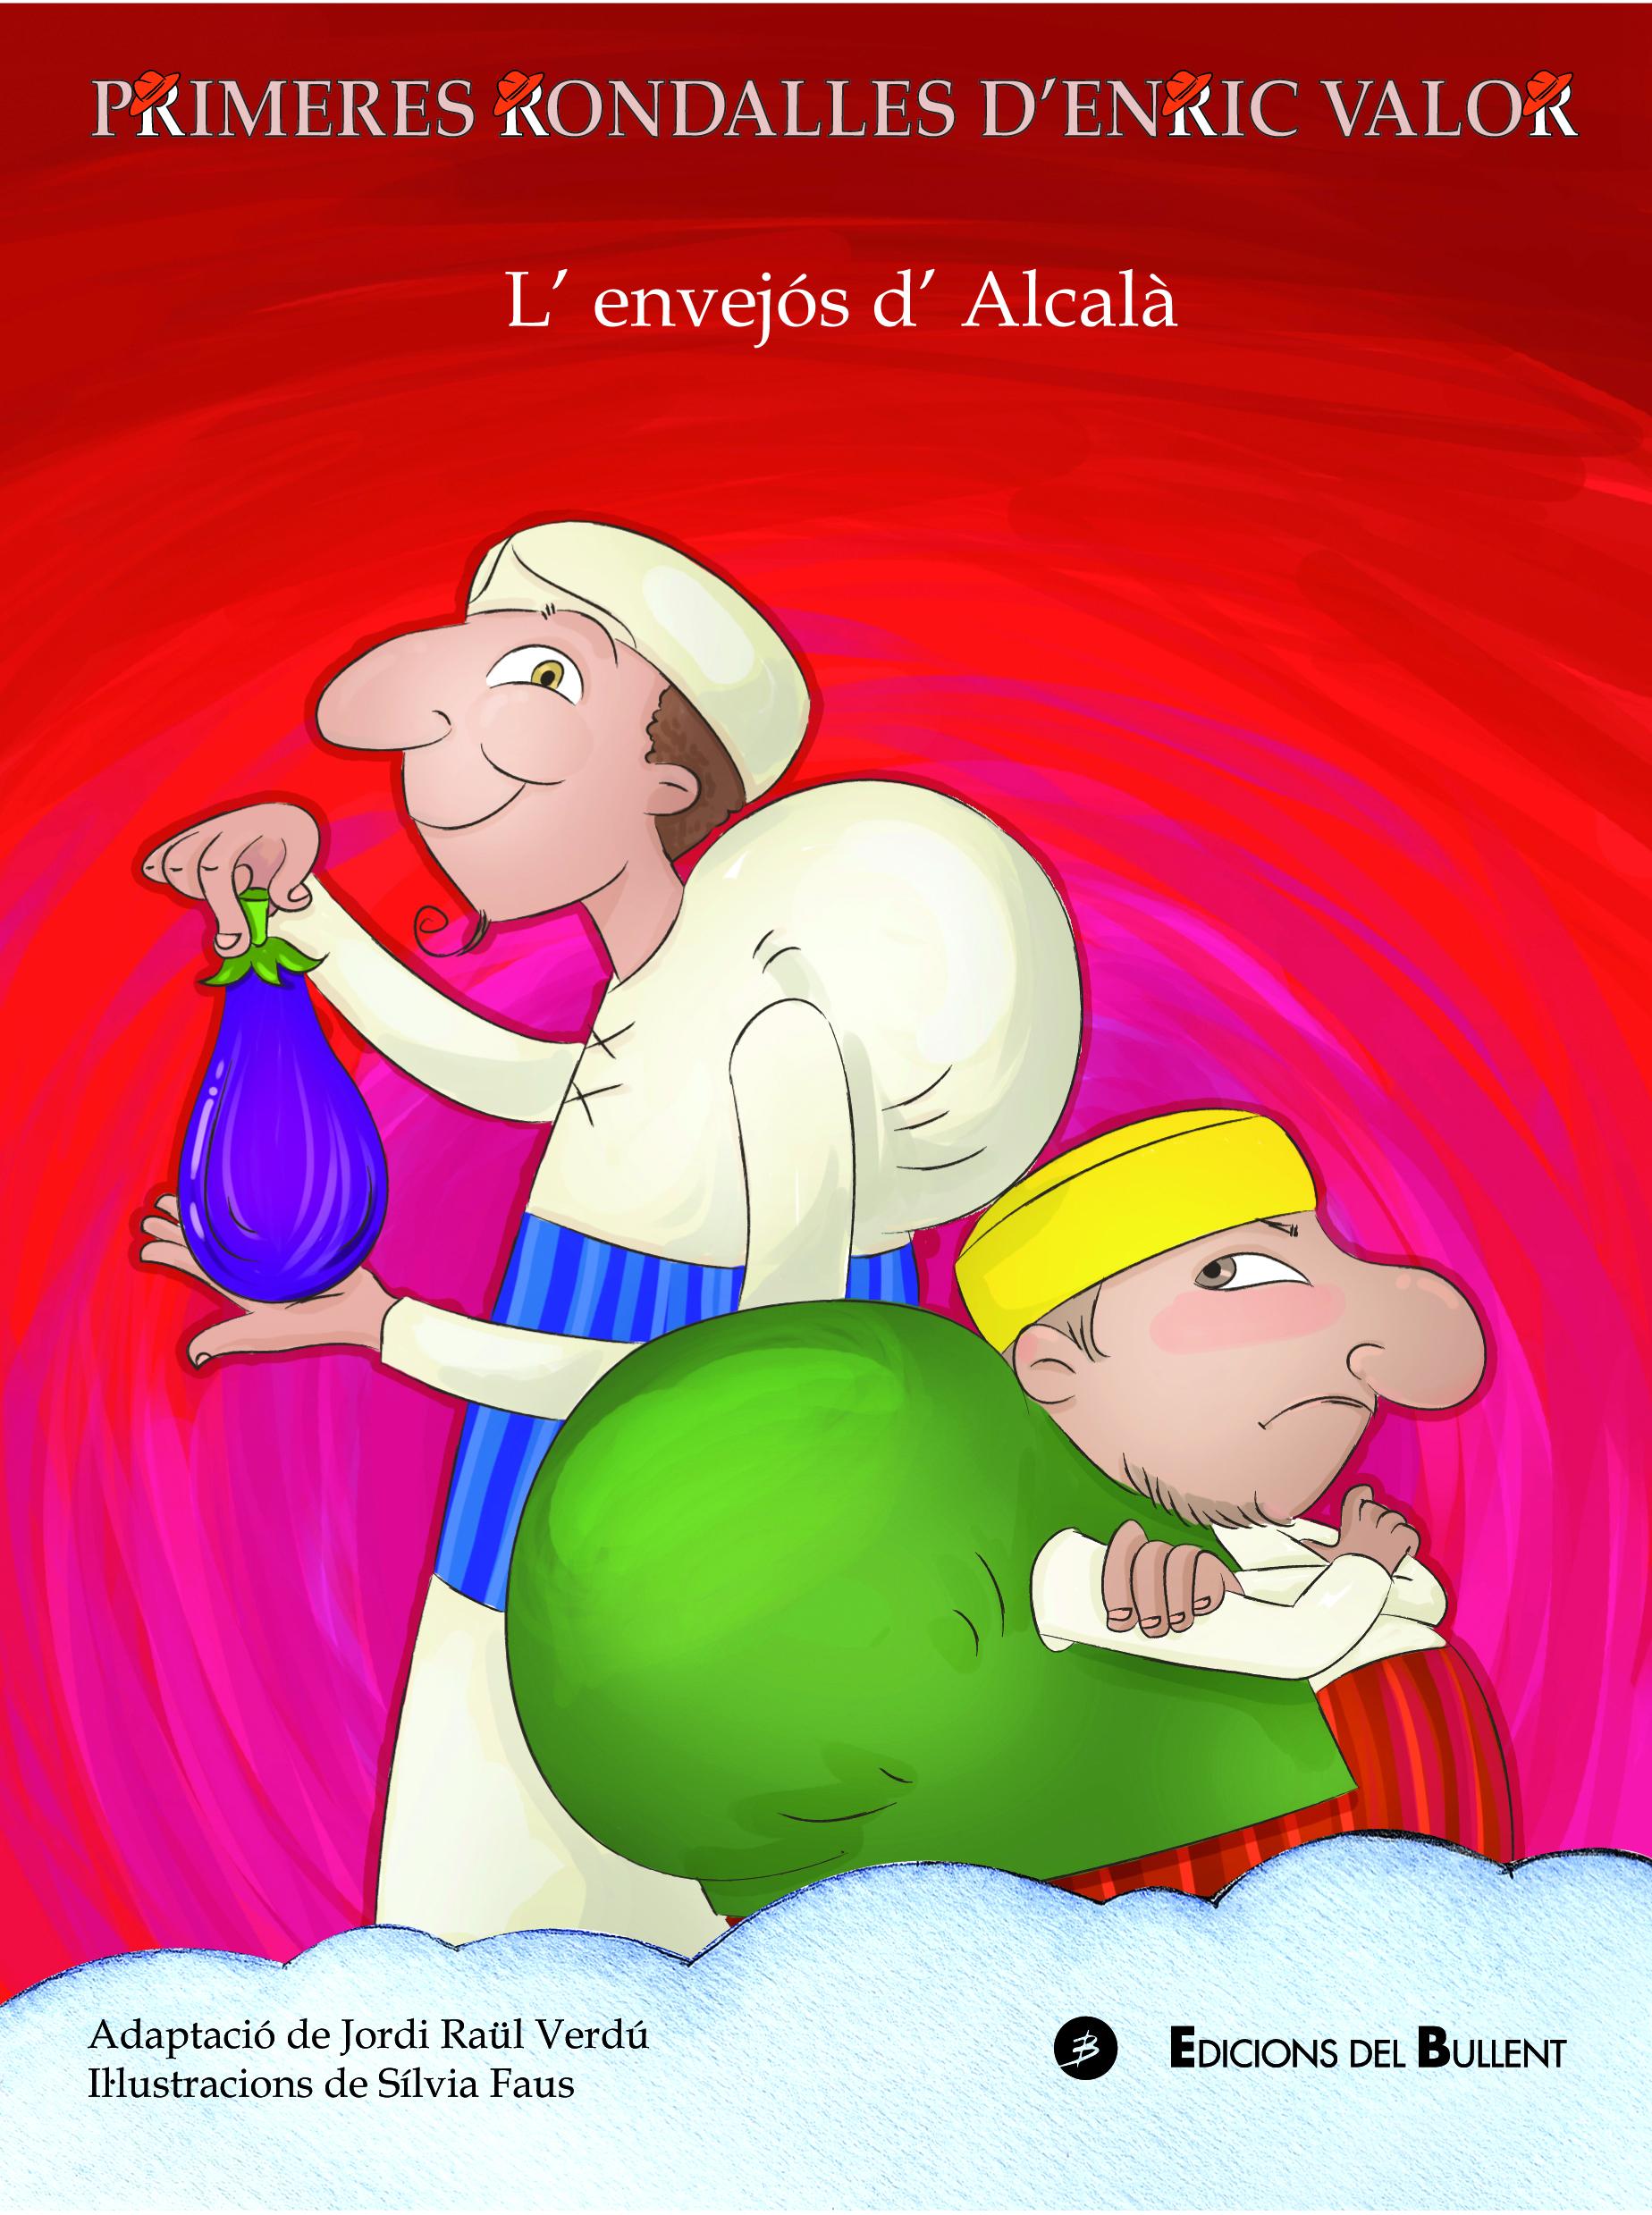 L'envejós d'Alcalà